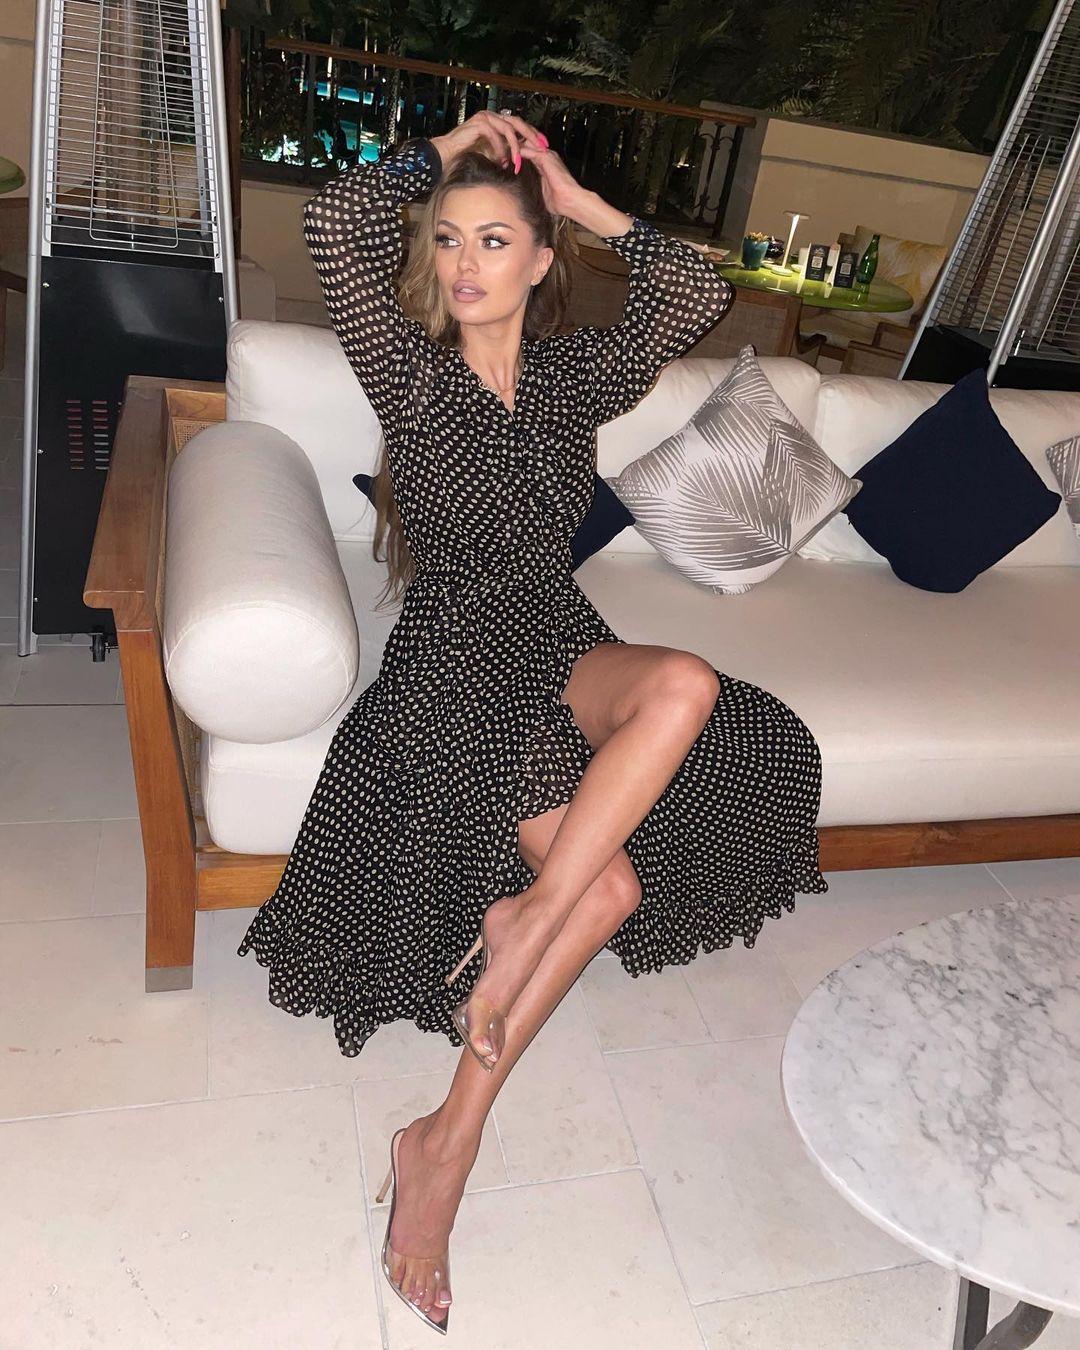 Рейтинг дня: Виктория Боня в платье в горошек похвасталась длинными ногами